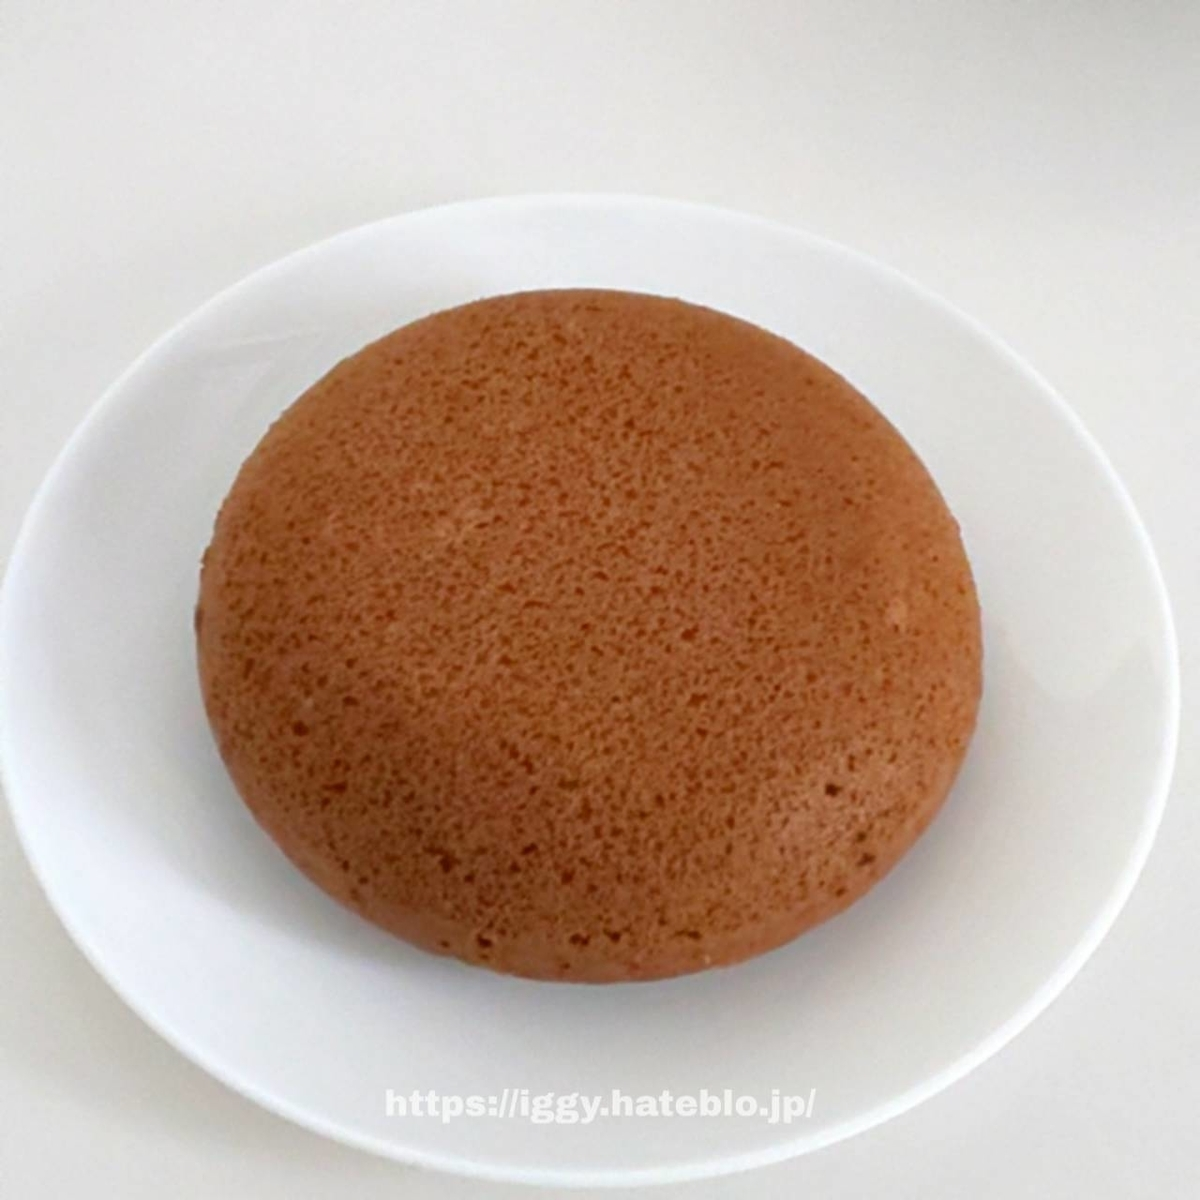 炊飯器 ホットケーキミックス おやつ コーヒー① iggy2019